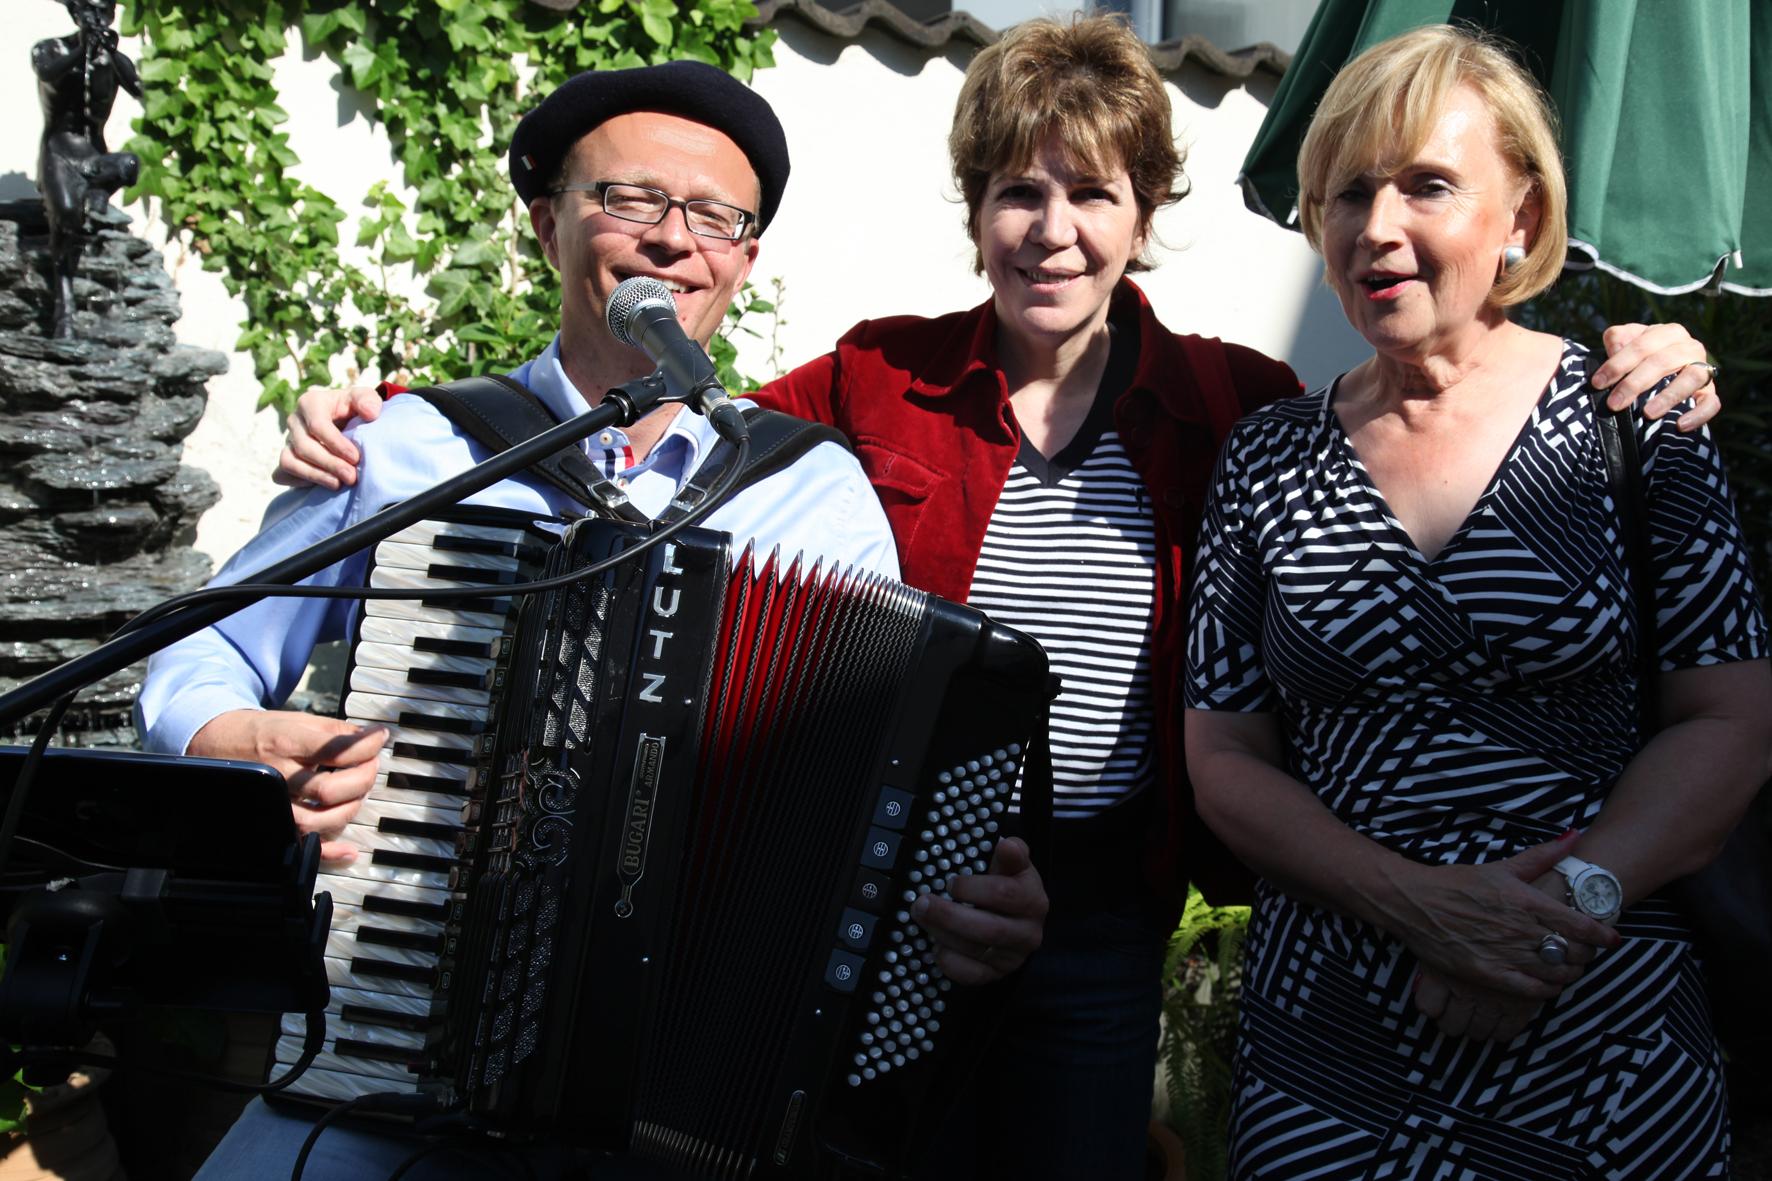 Wohnraum Meerbusch akkordeon hochzeitssänger